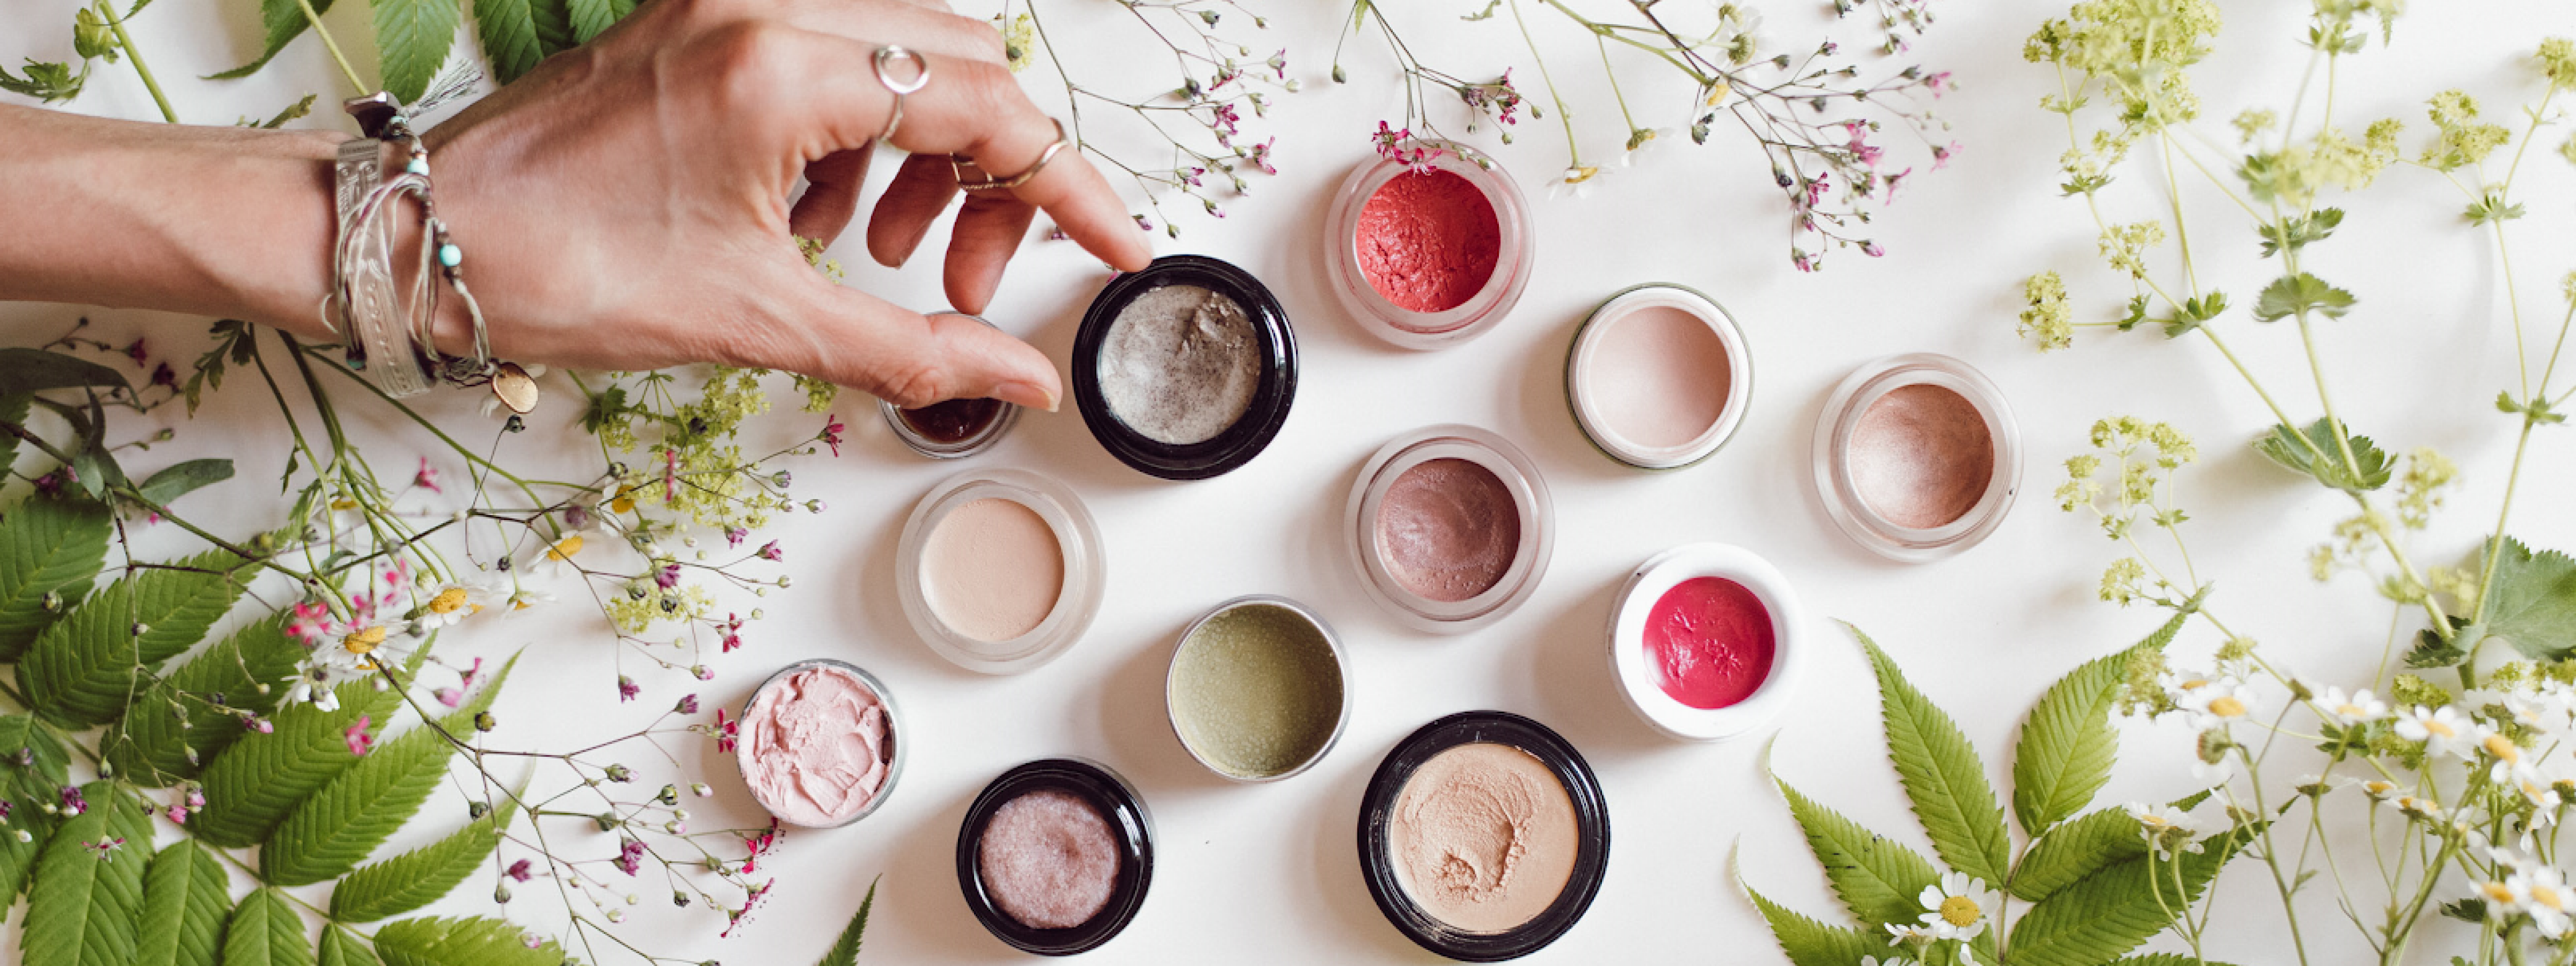 Bio, Eco, Natural или Vegan: разбираемся в органической косметике